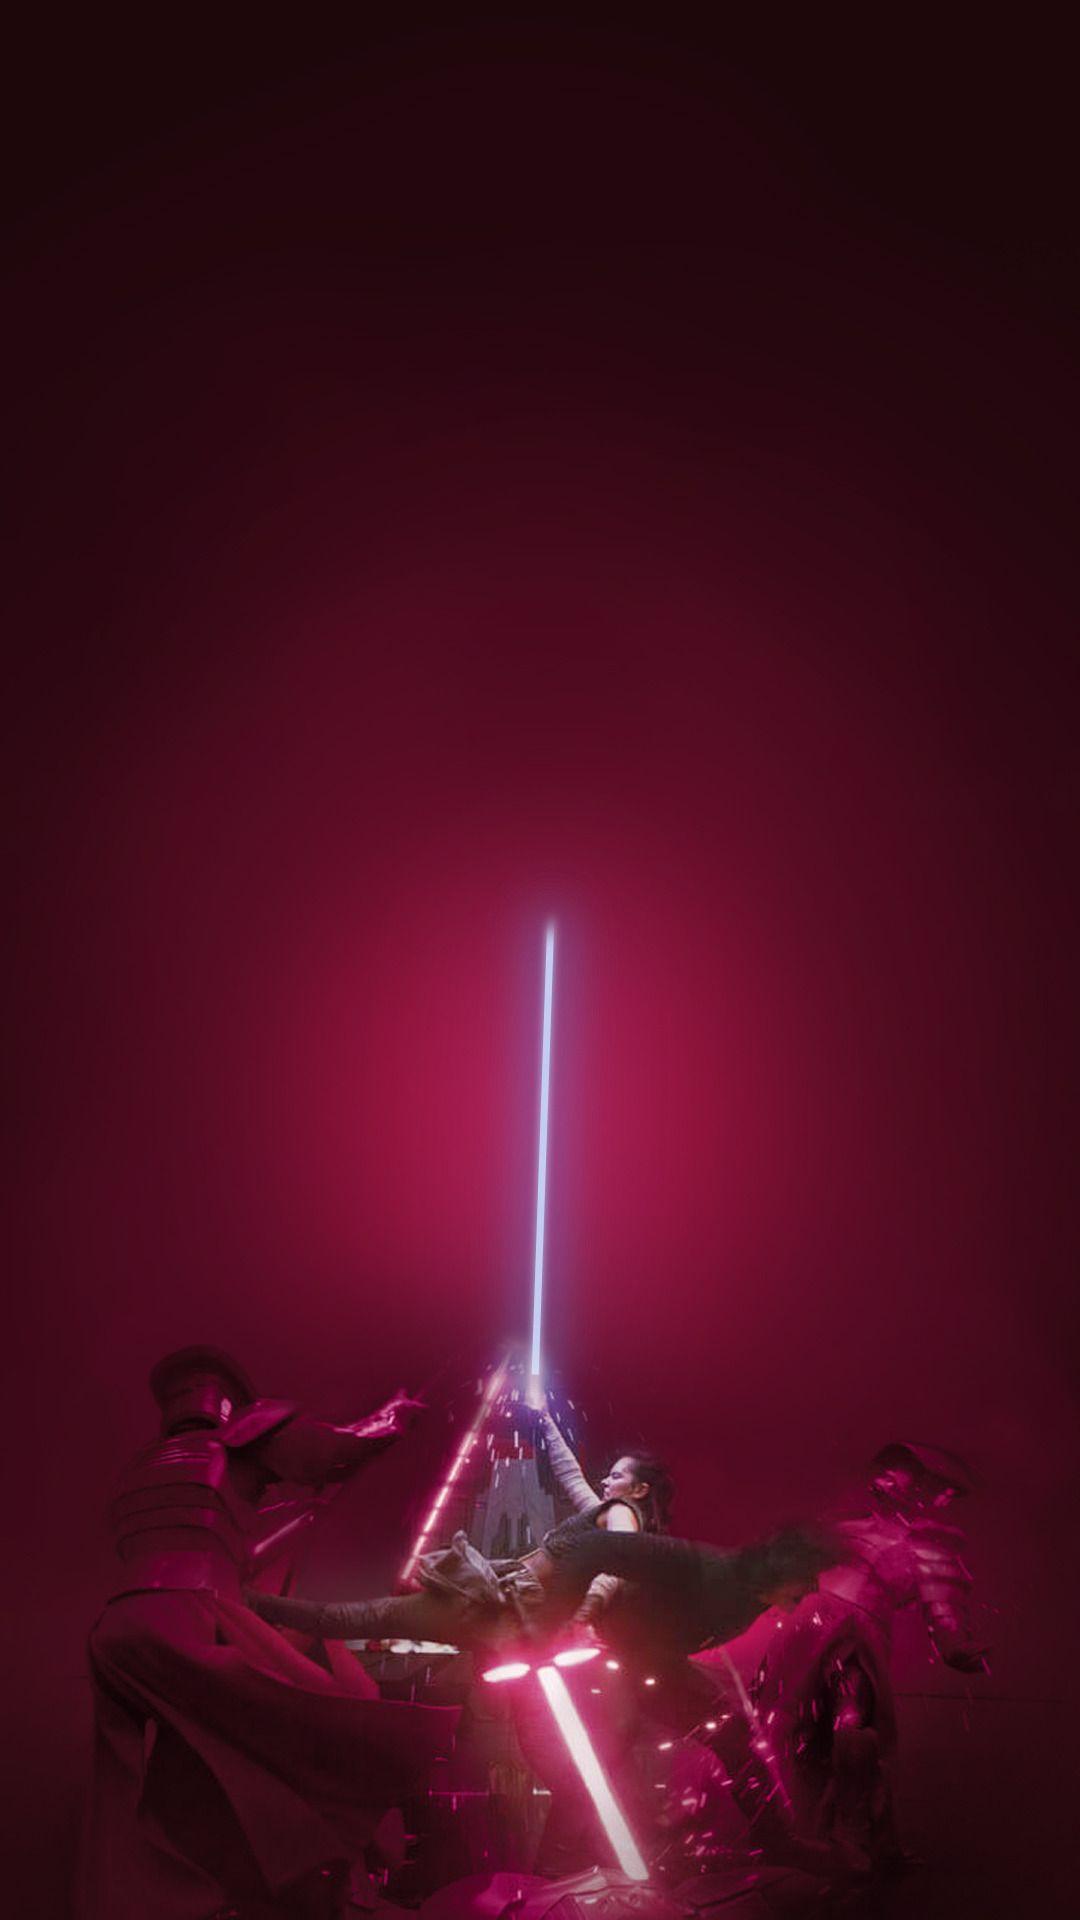 Reylo Wallpaper Tumblr Star Wars